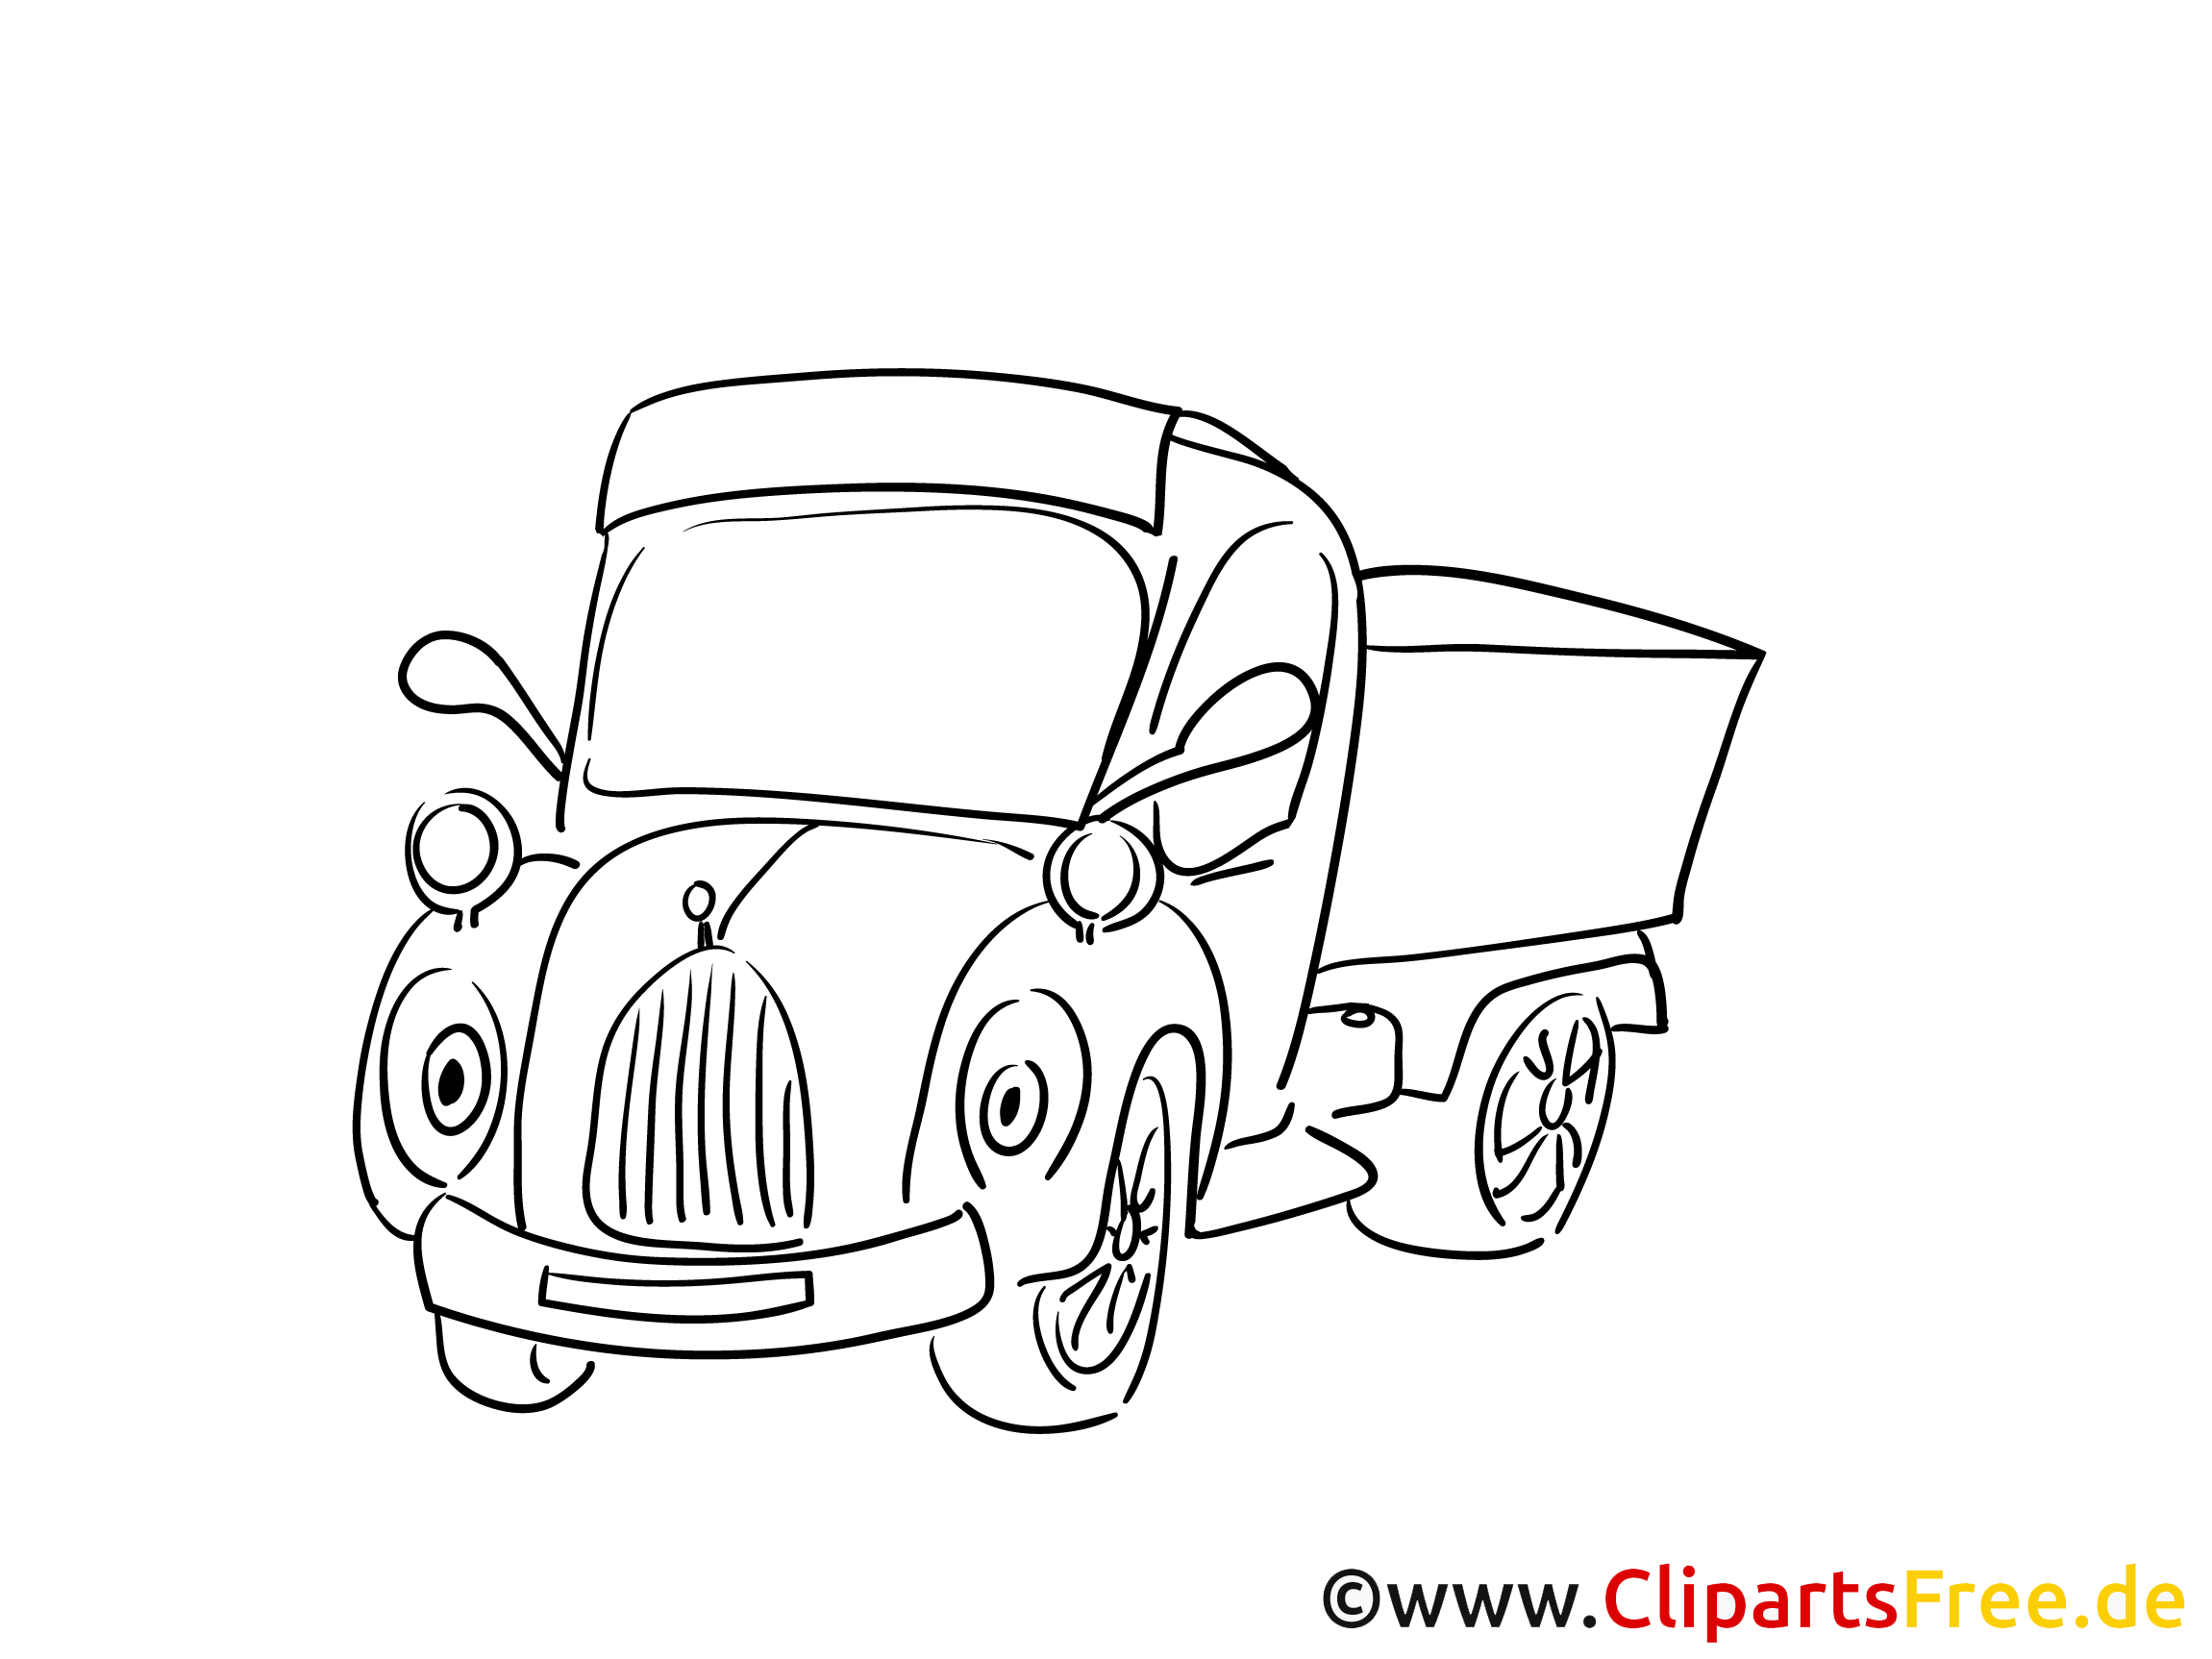 Lastkraftwagen Malvorlage zum Drucken